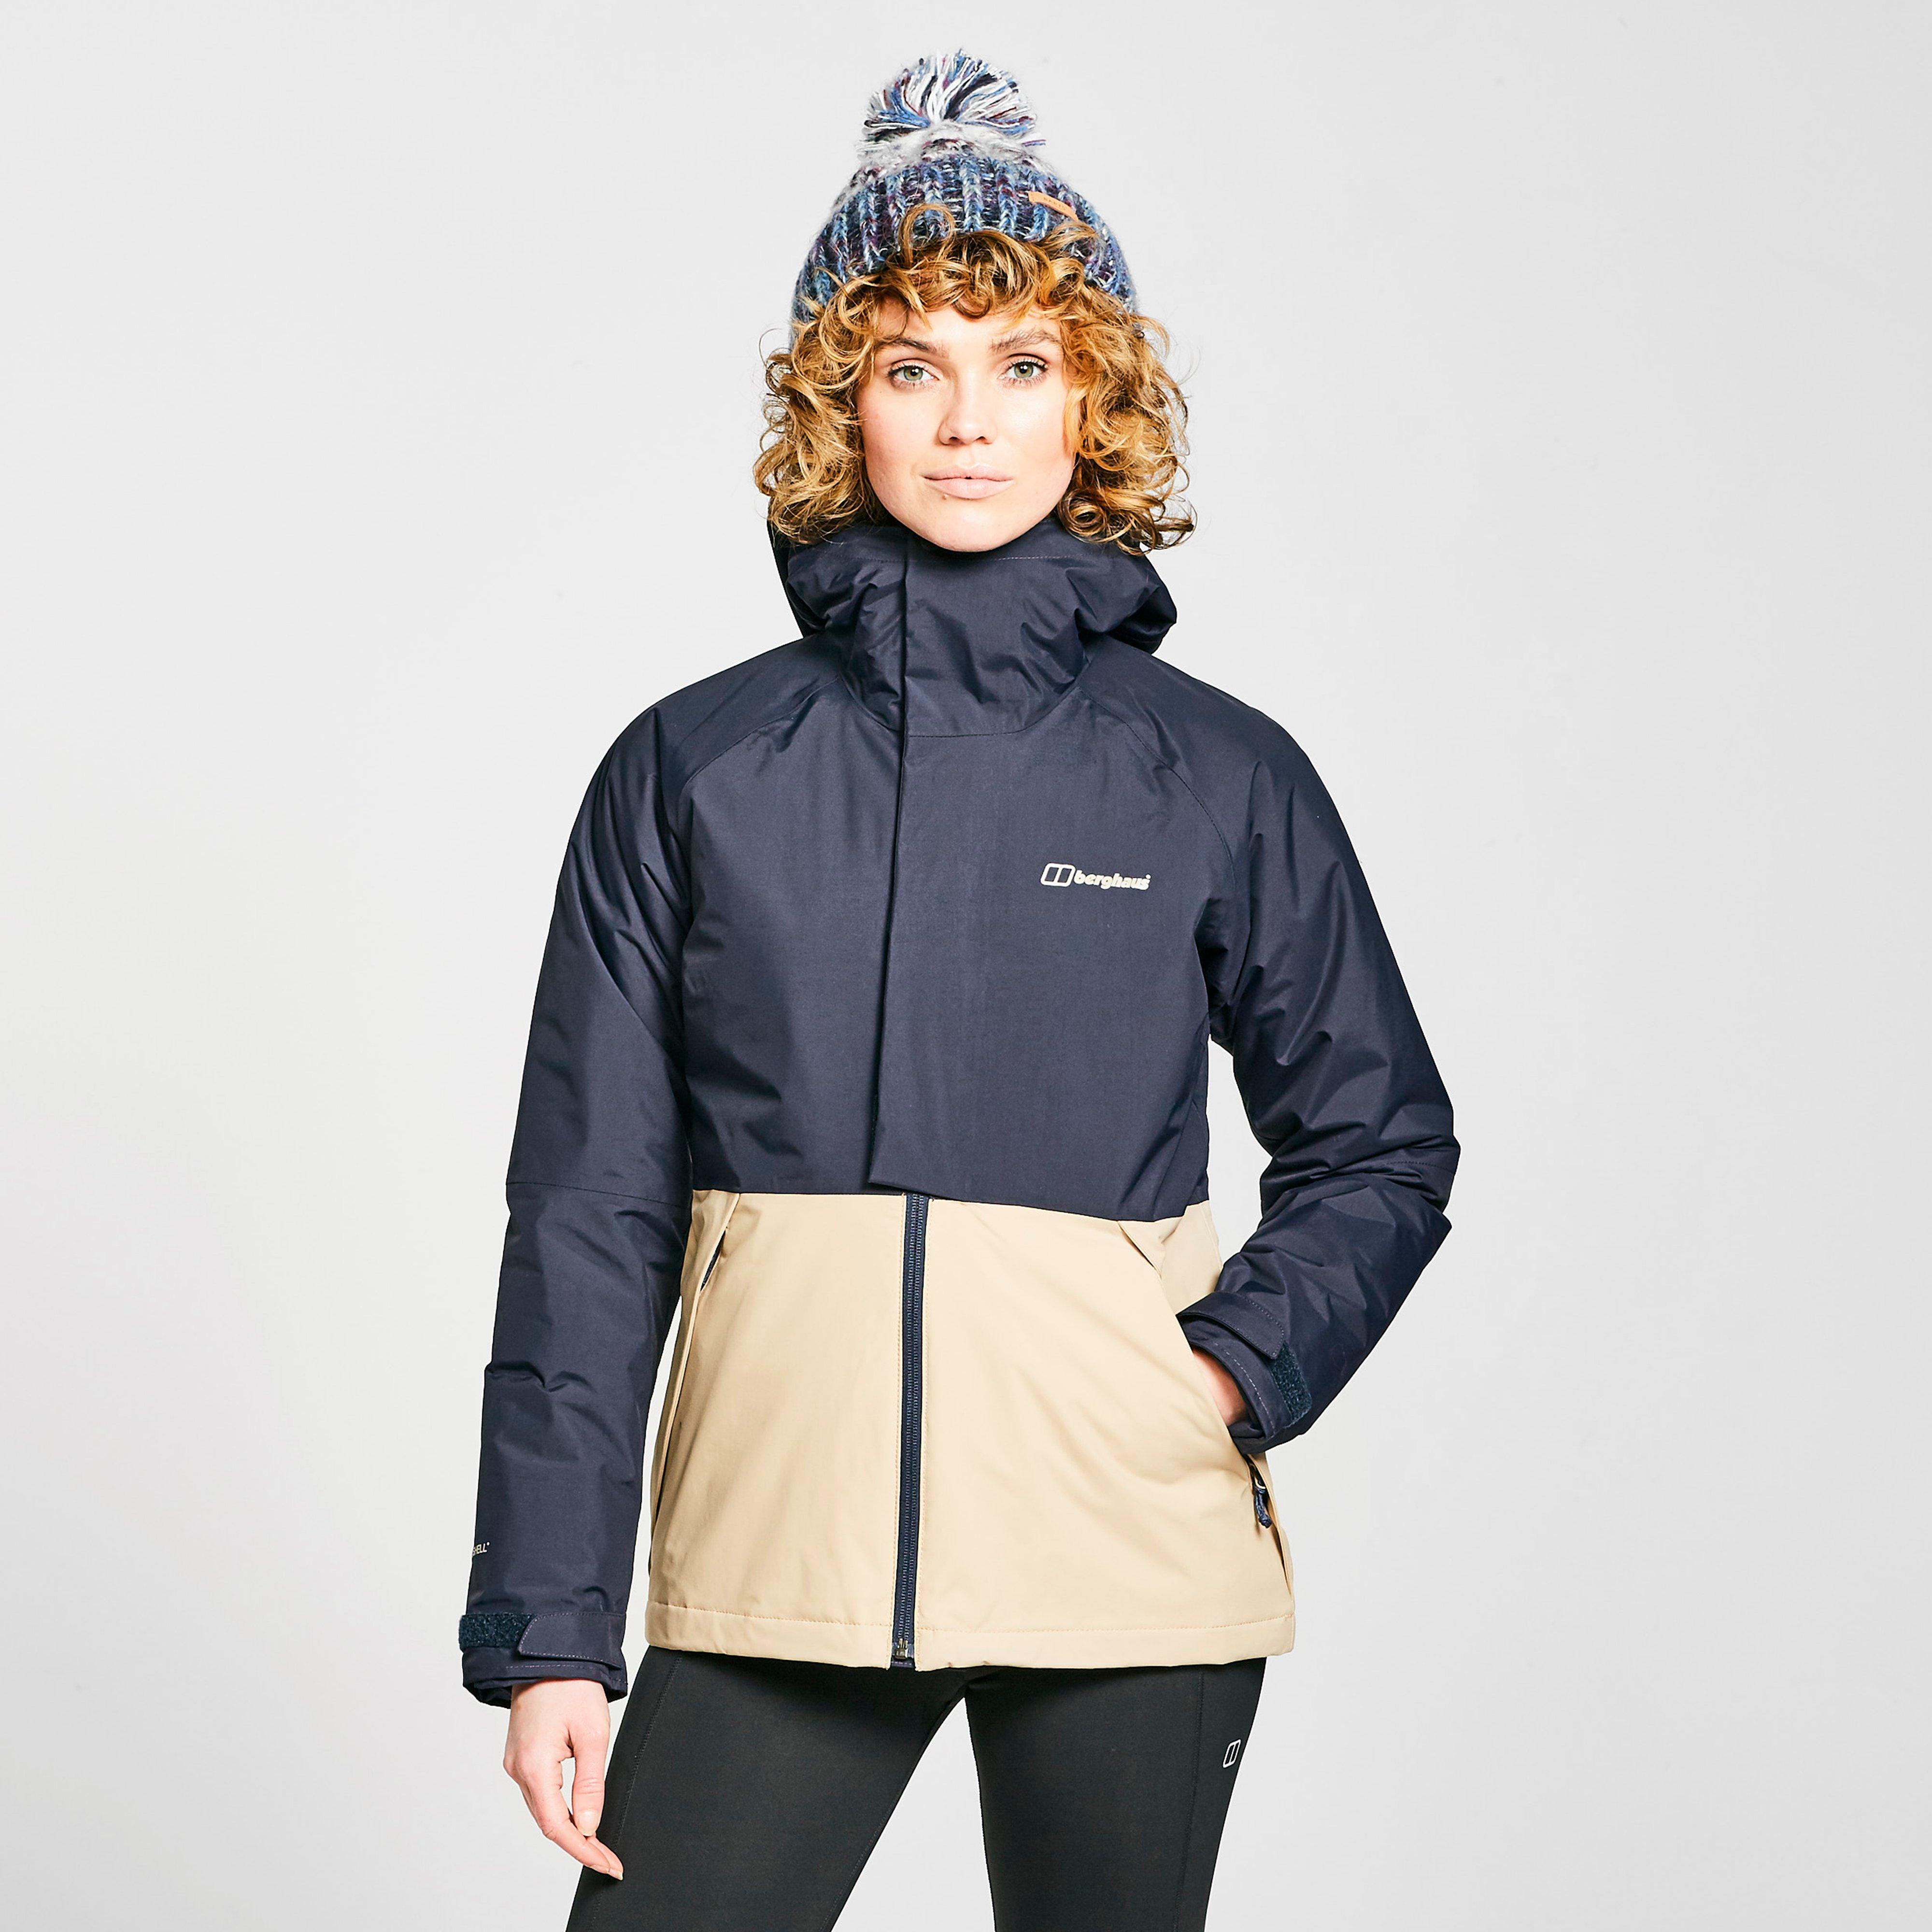 New Berghaus Women's Maitland Gemini GORE-TEX 3-in-1 Jacket